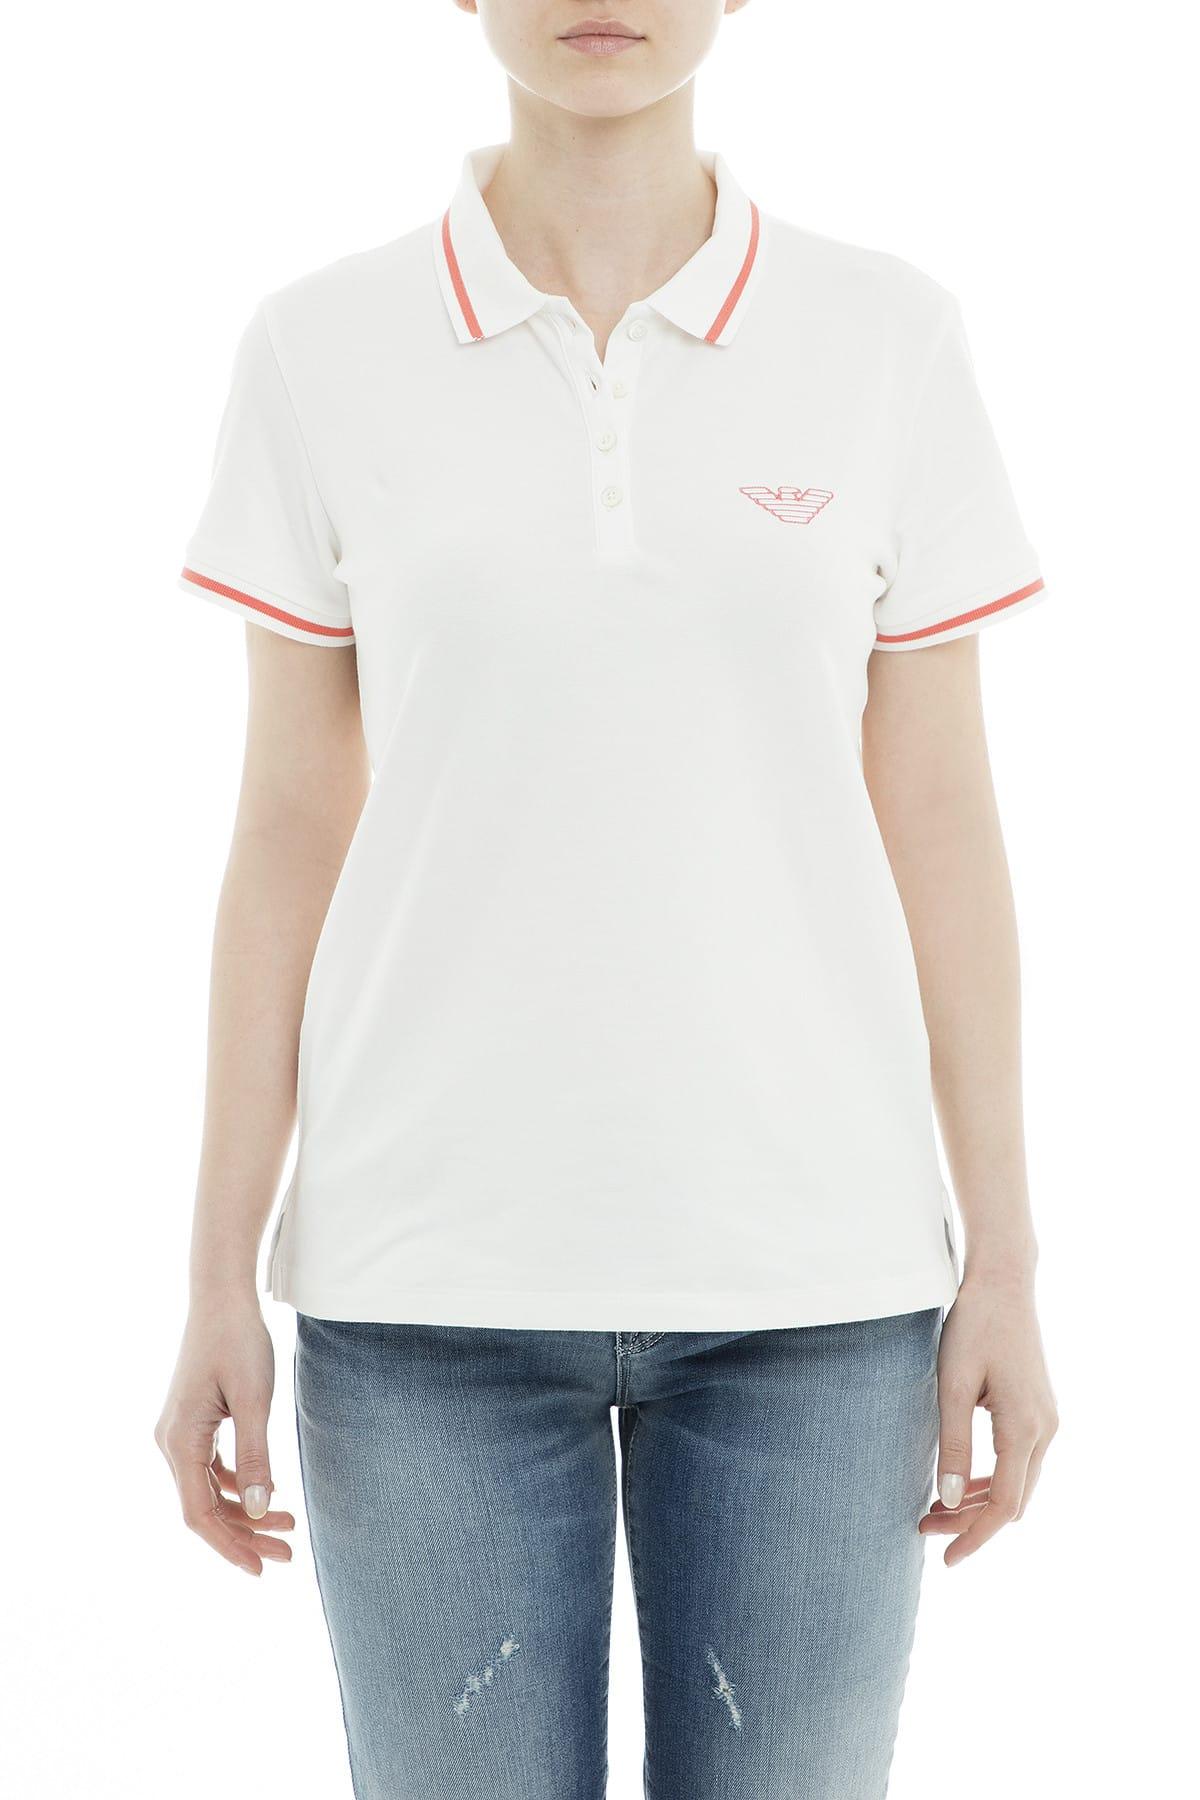 Emporio Armani Kadın Beyaz T-Shirt 3G2M61 2JBXZ 0101 1